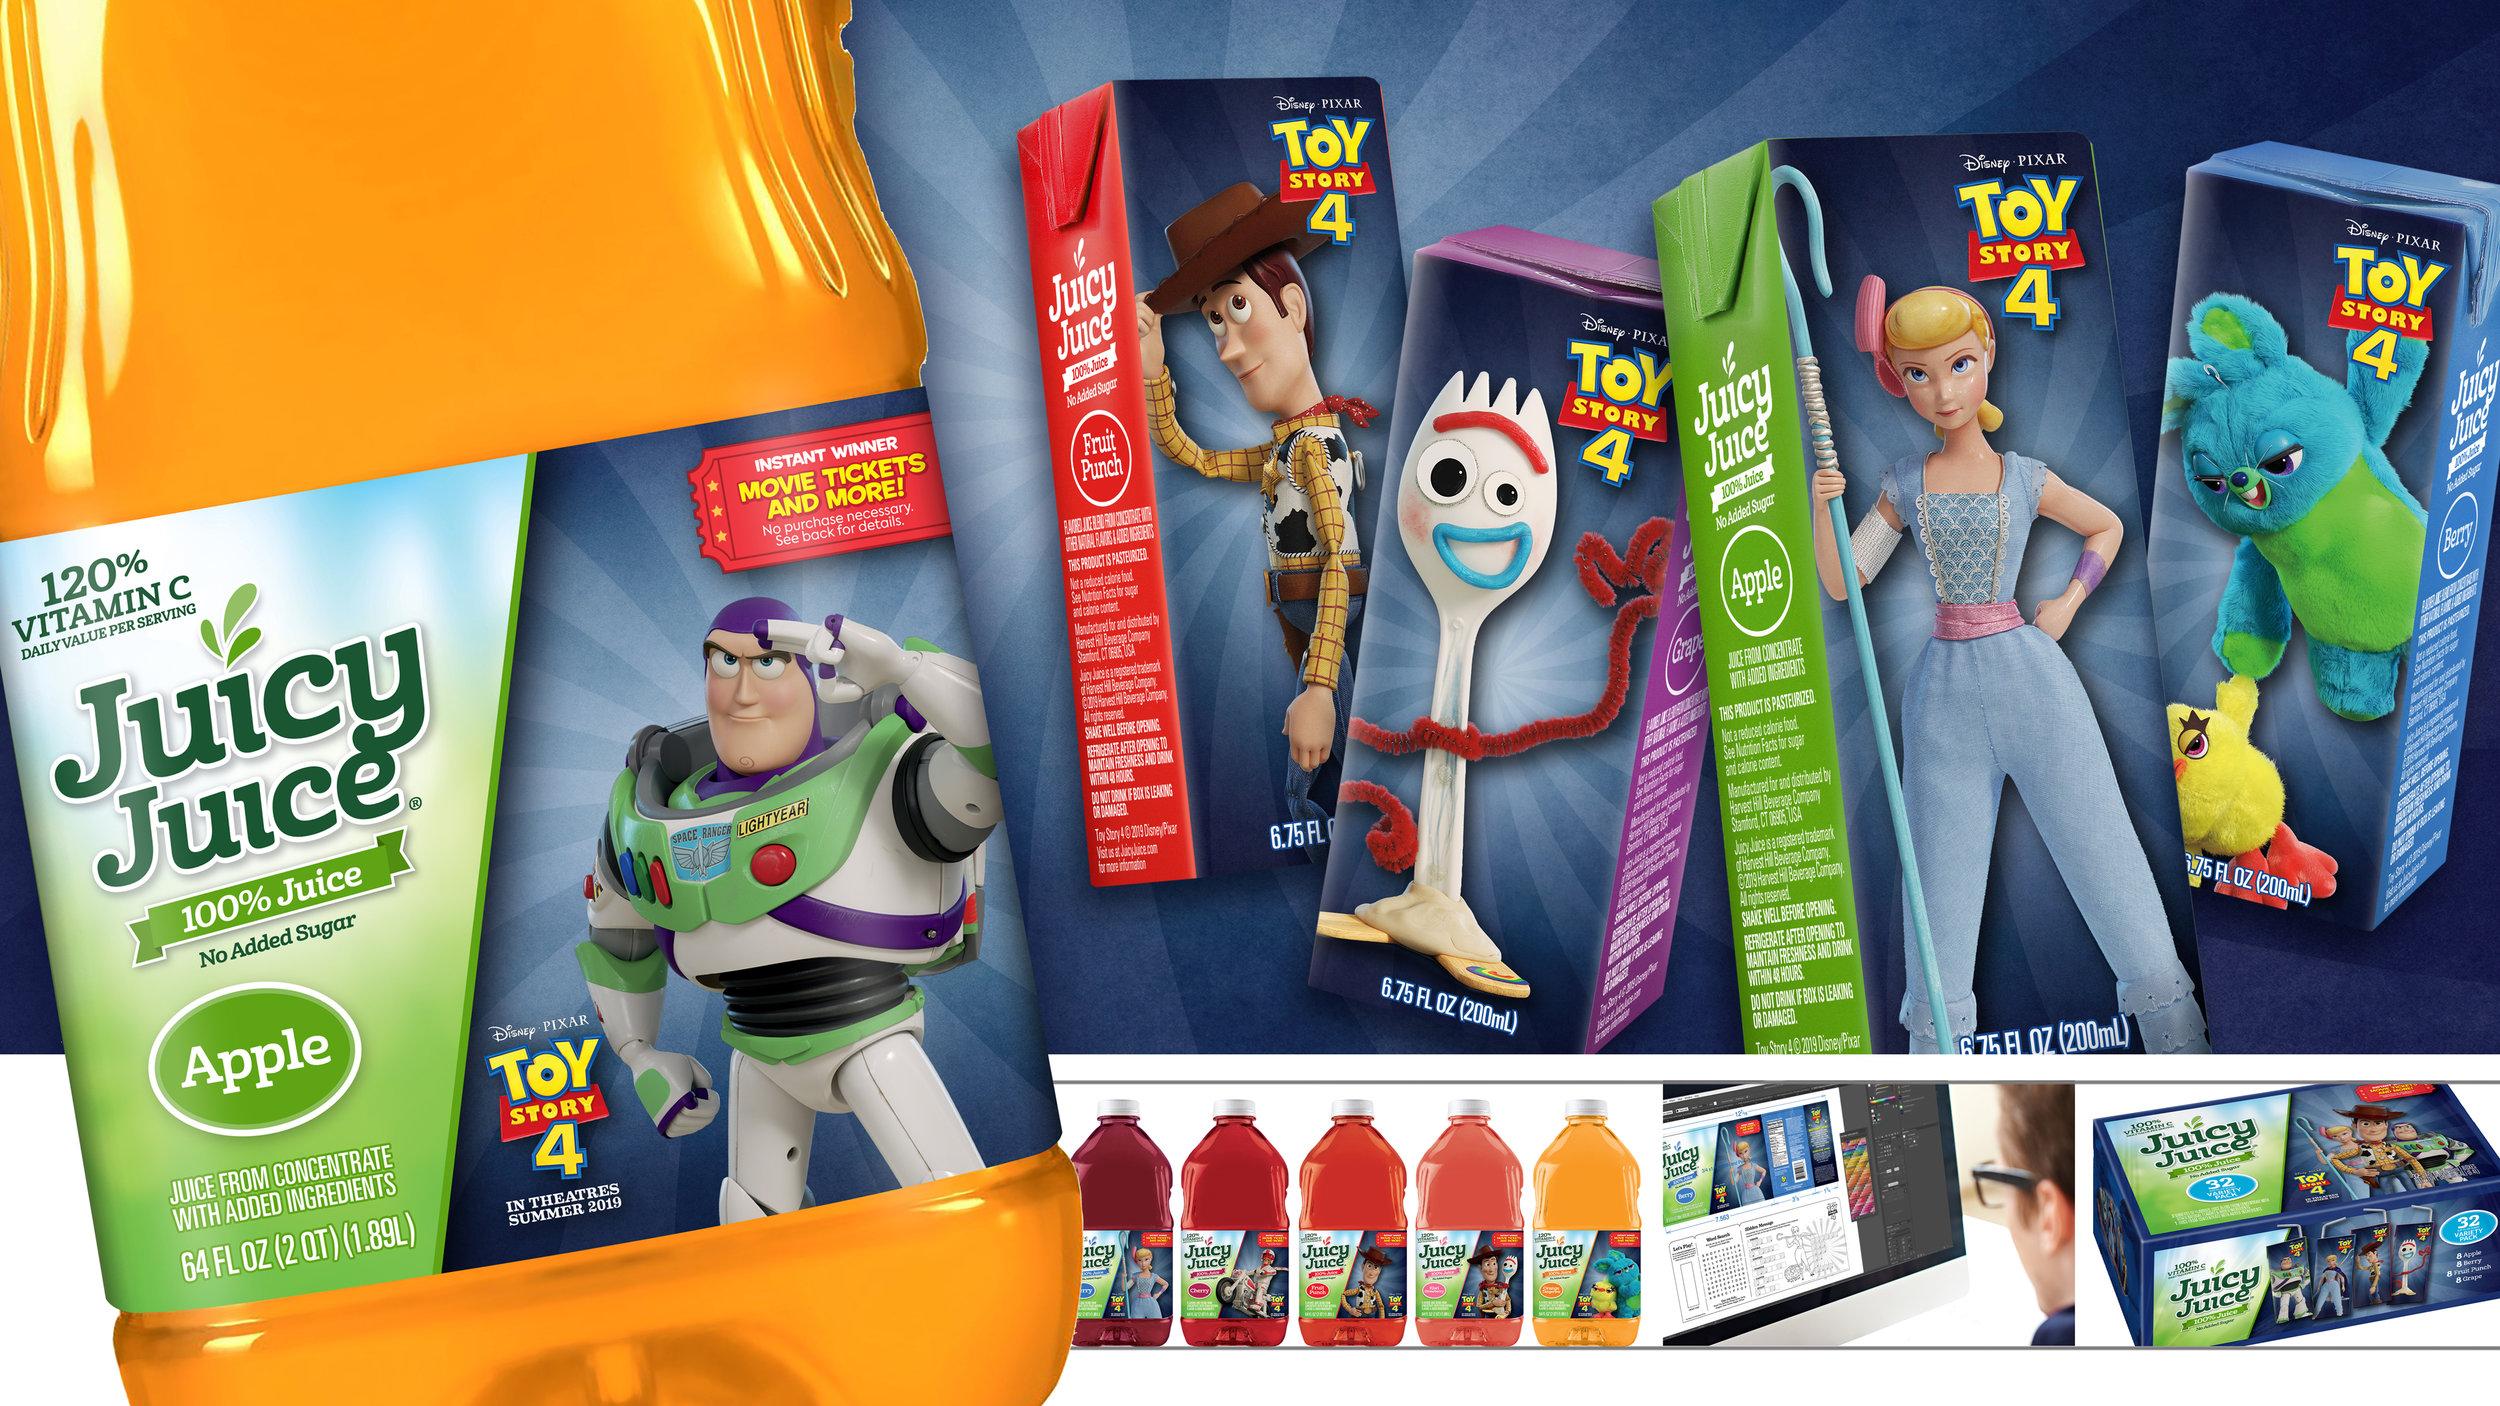 JuicyJuice_ToyStory_Filmstriplr.jpg